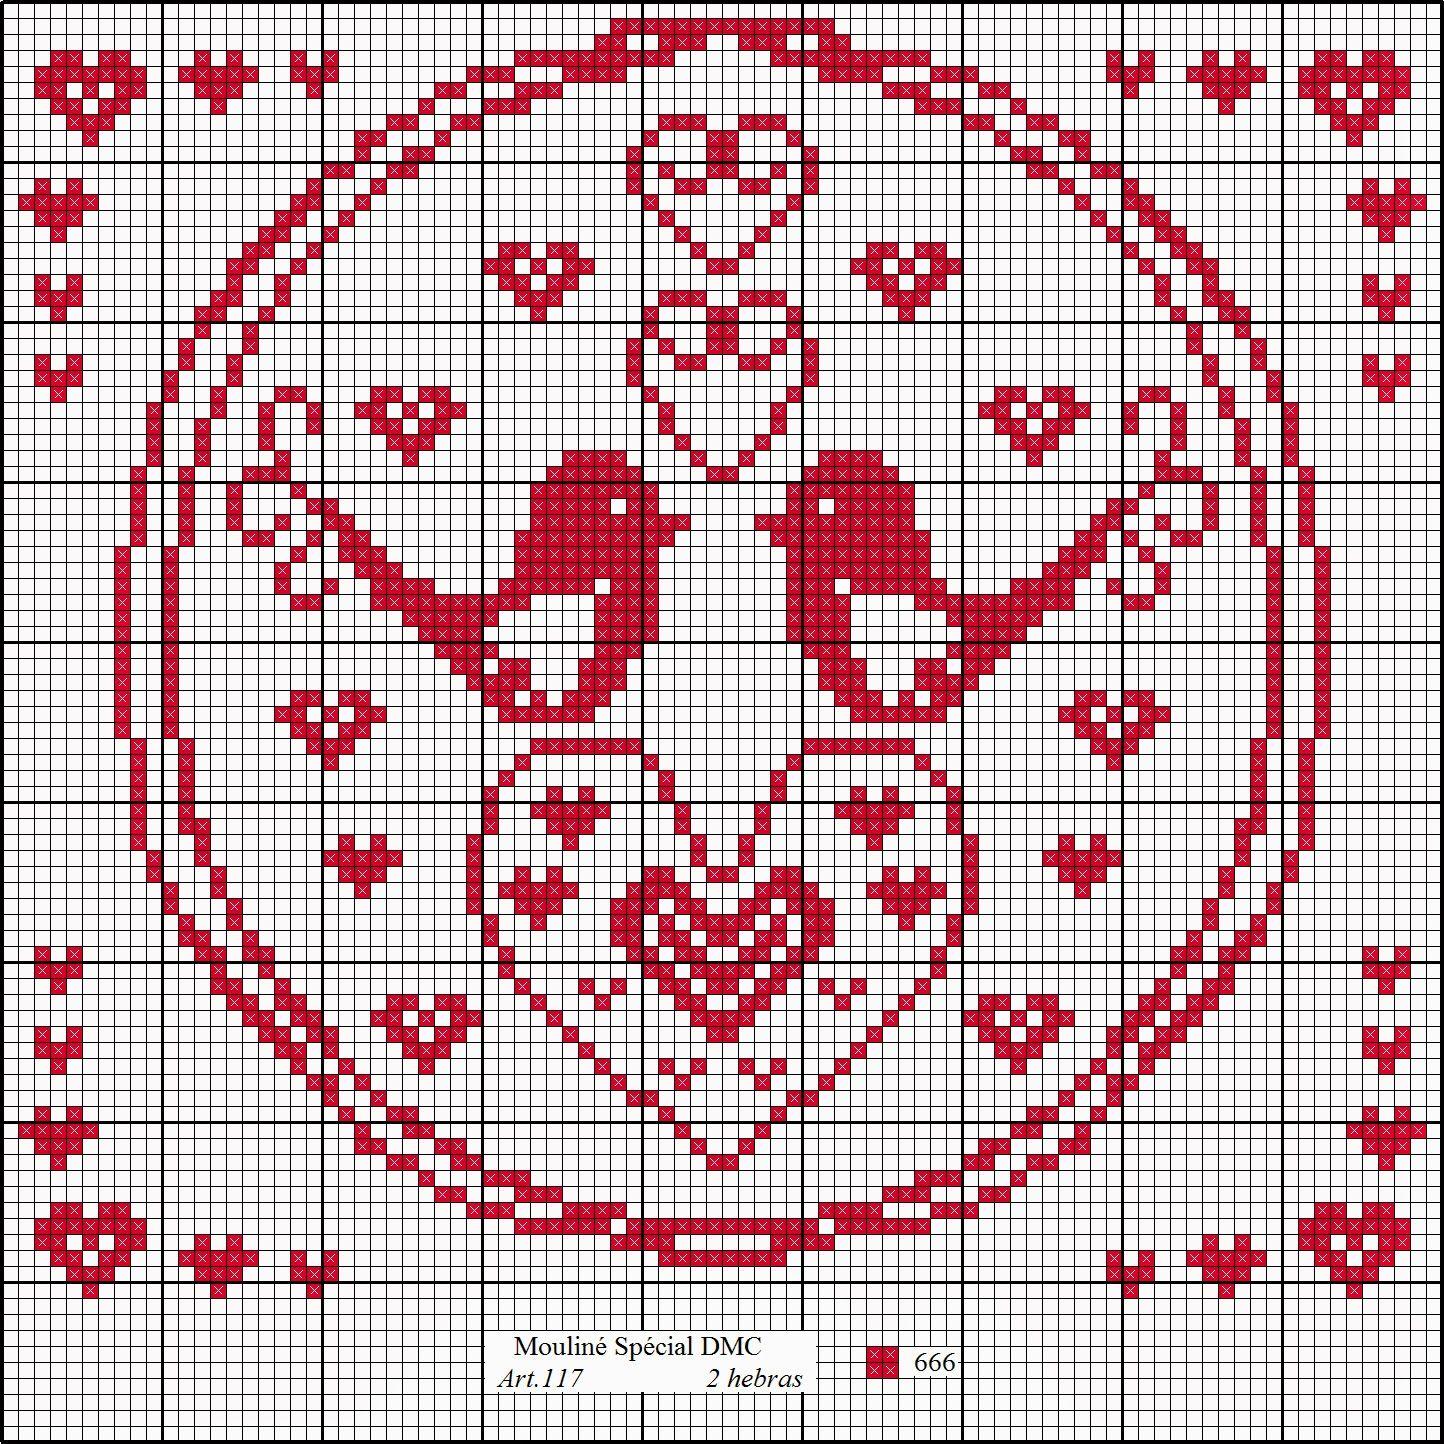 El blog de Dmc: Diagramas de San Valentín